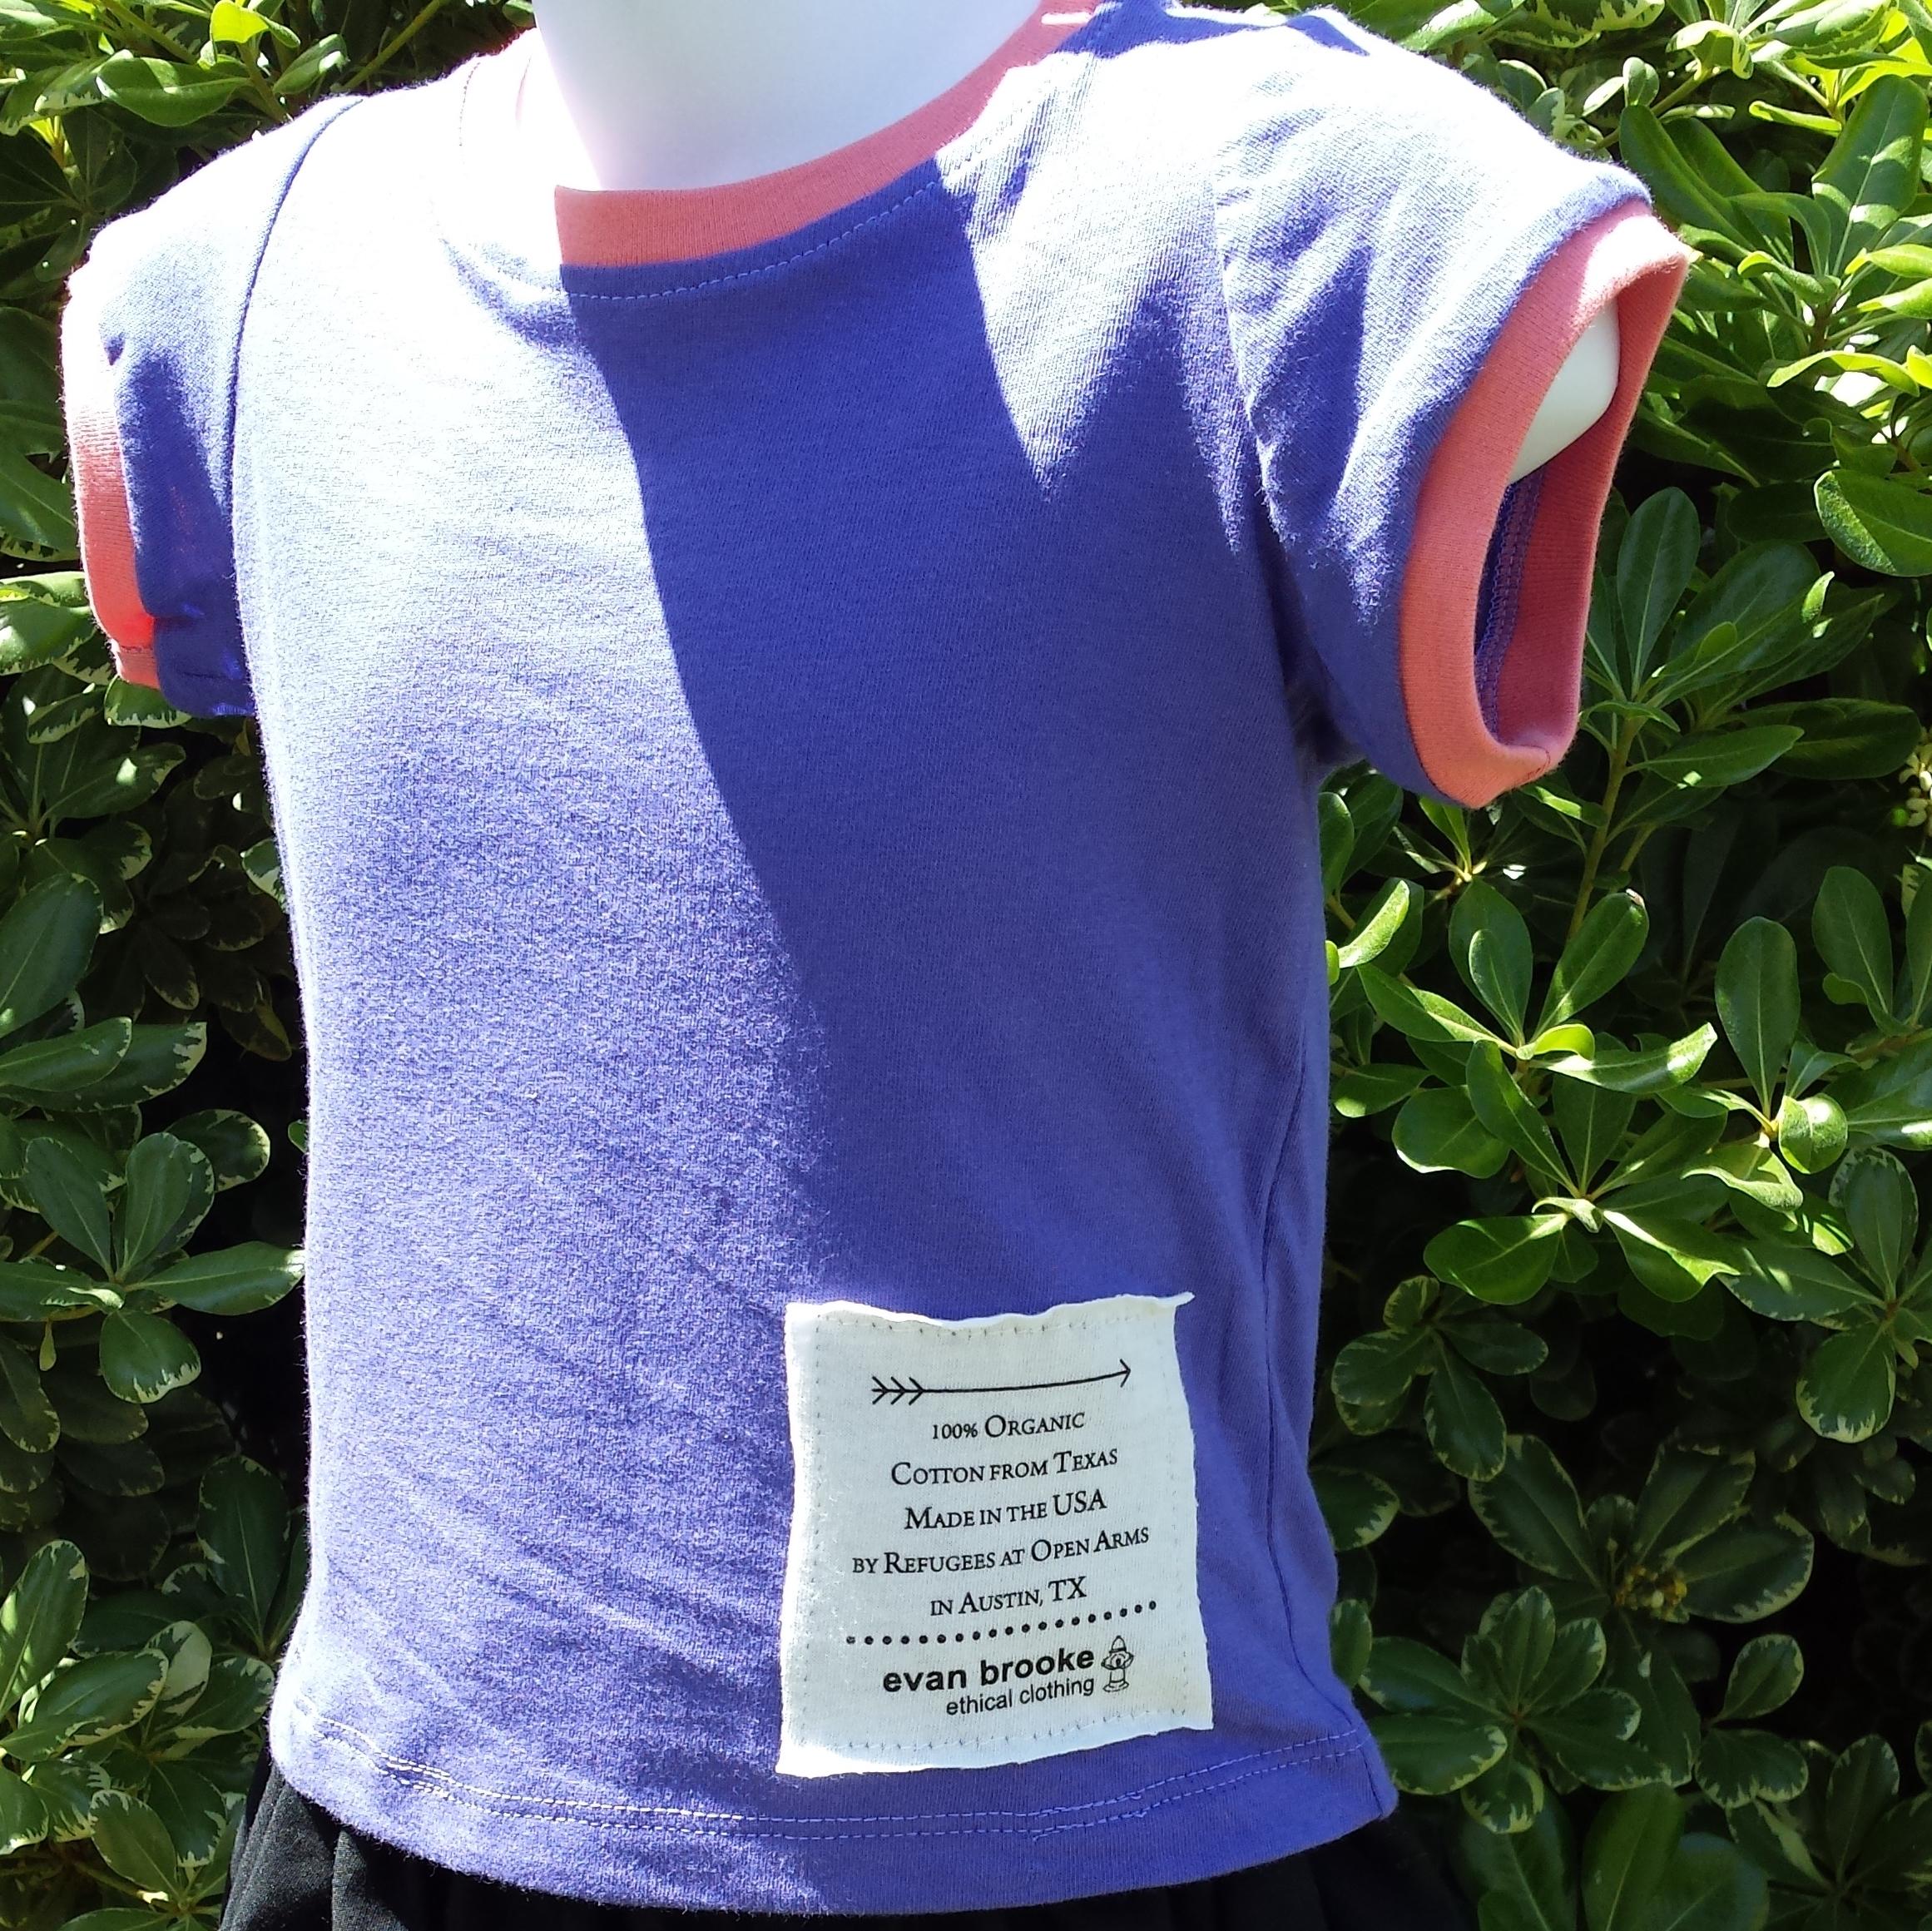 texas grown and sewn shirt organic cotton